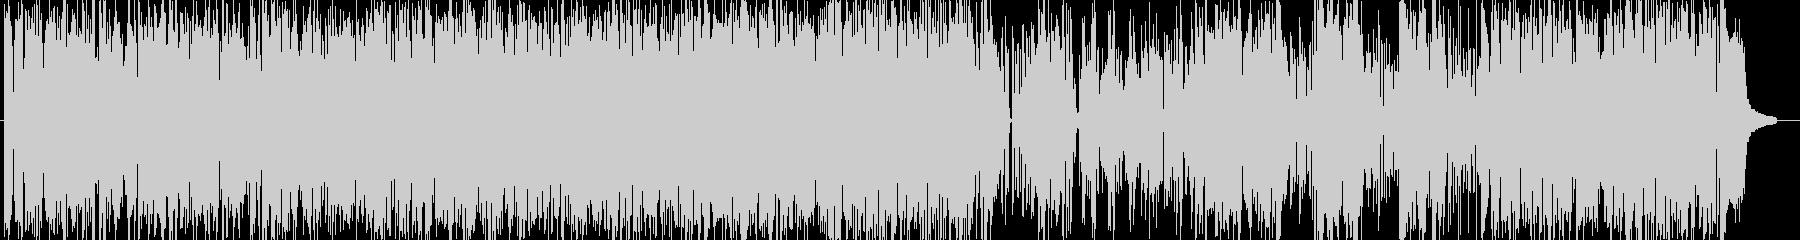 軽快なブルースピアノの未再生の波形